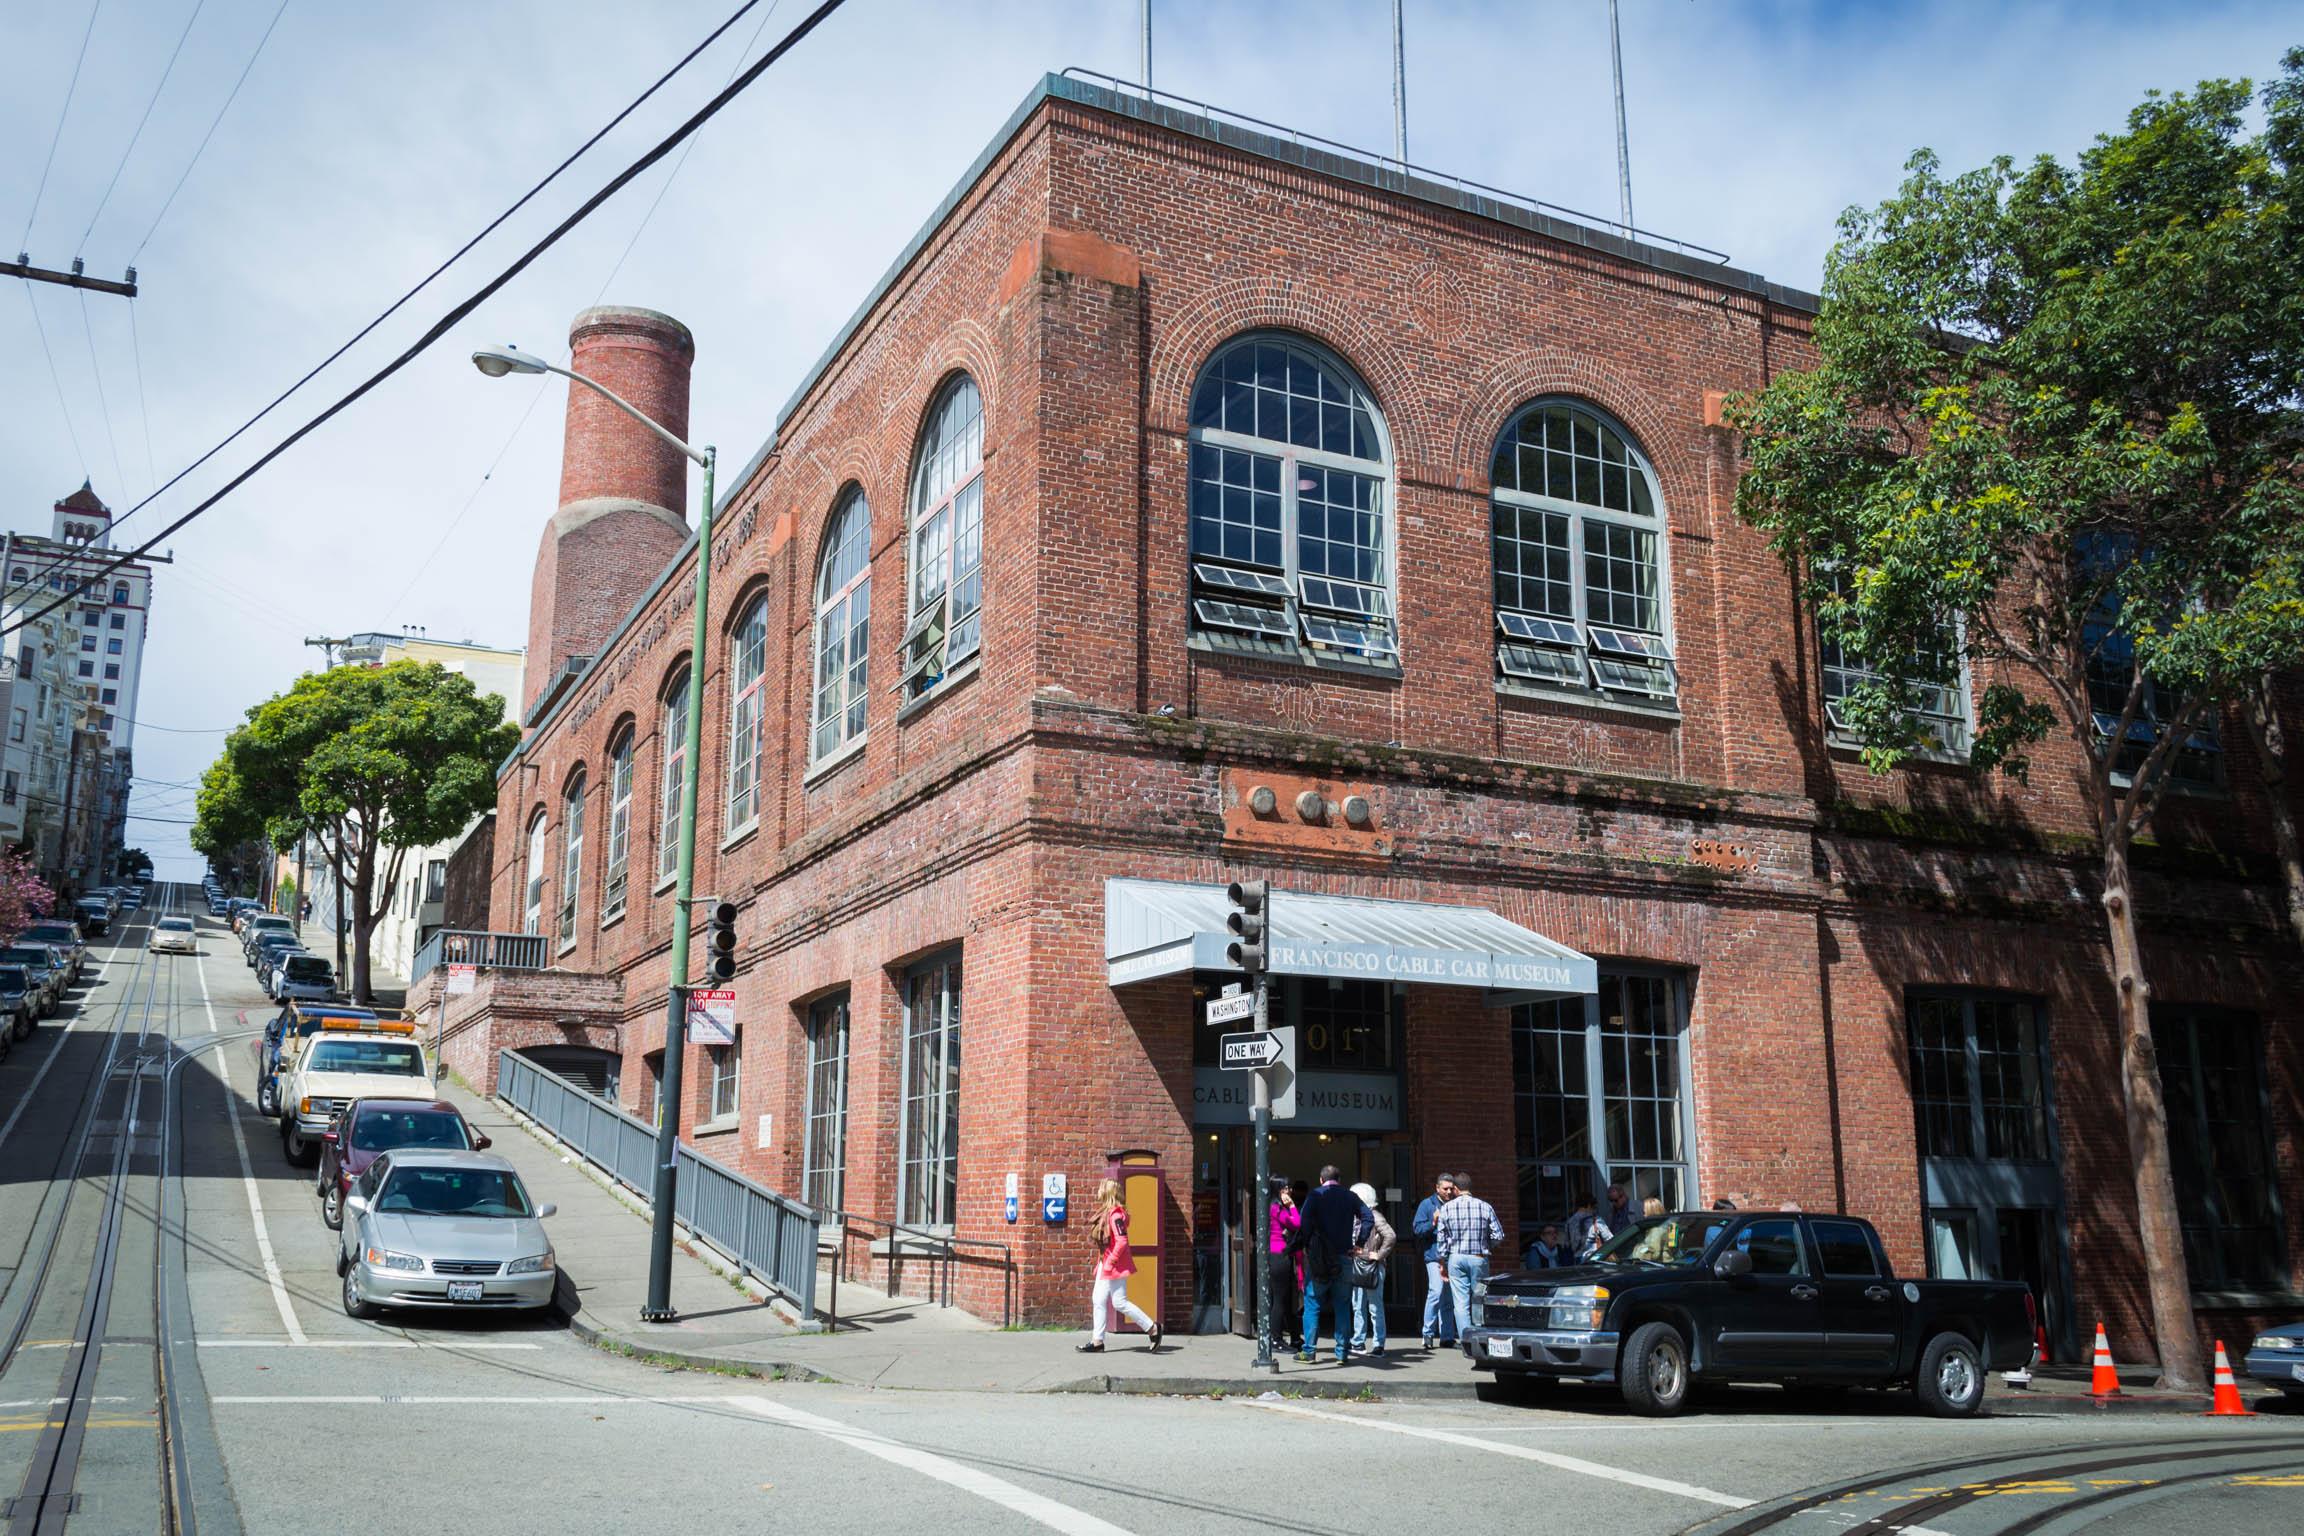 Le musée du Cable Car situé à l'angle de Mason et de Washington St